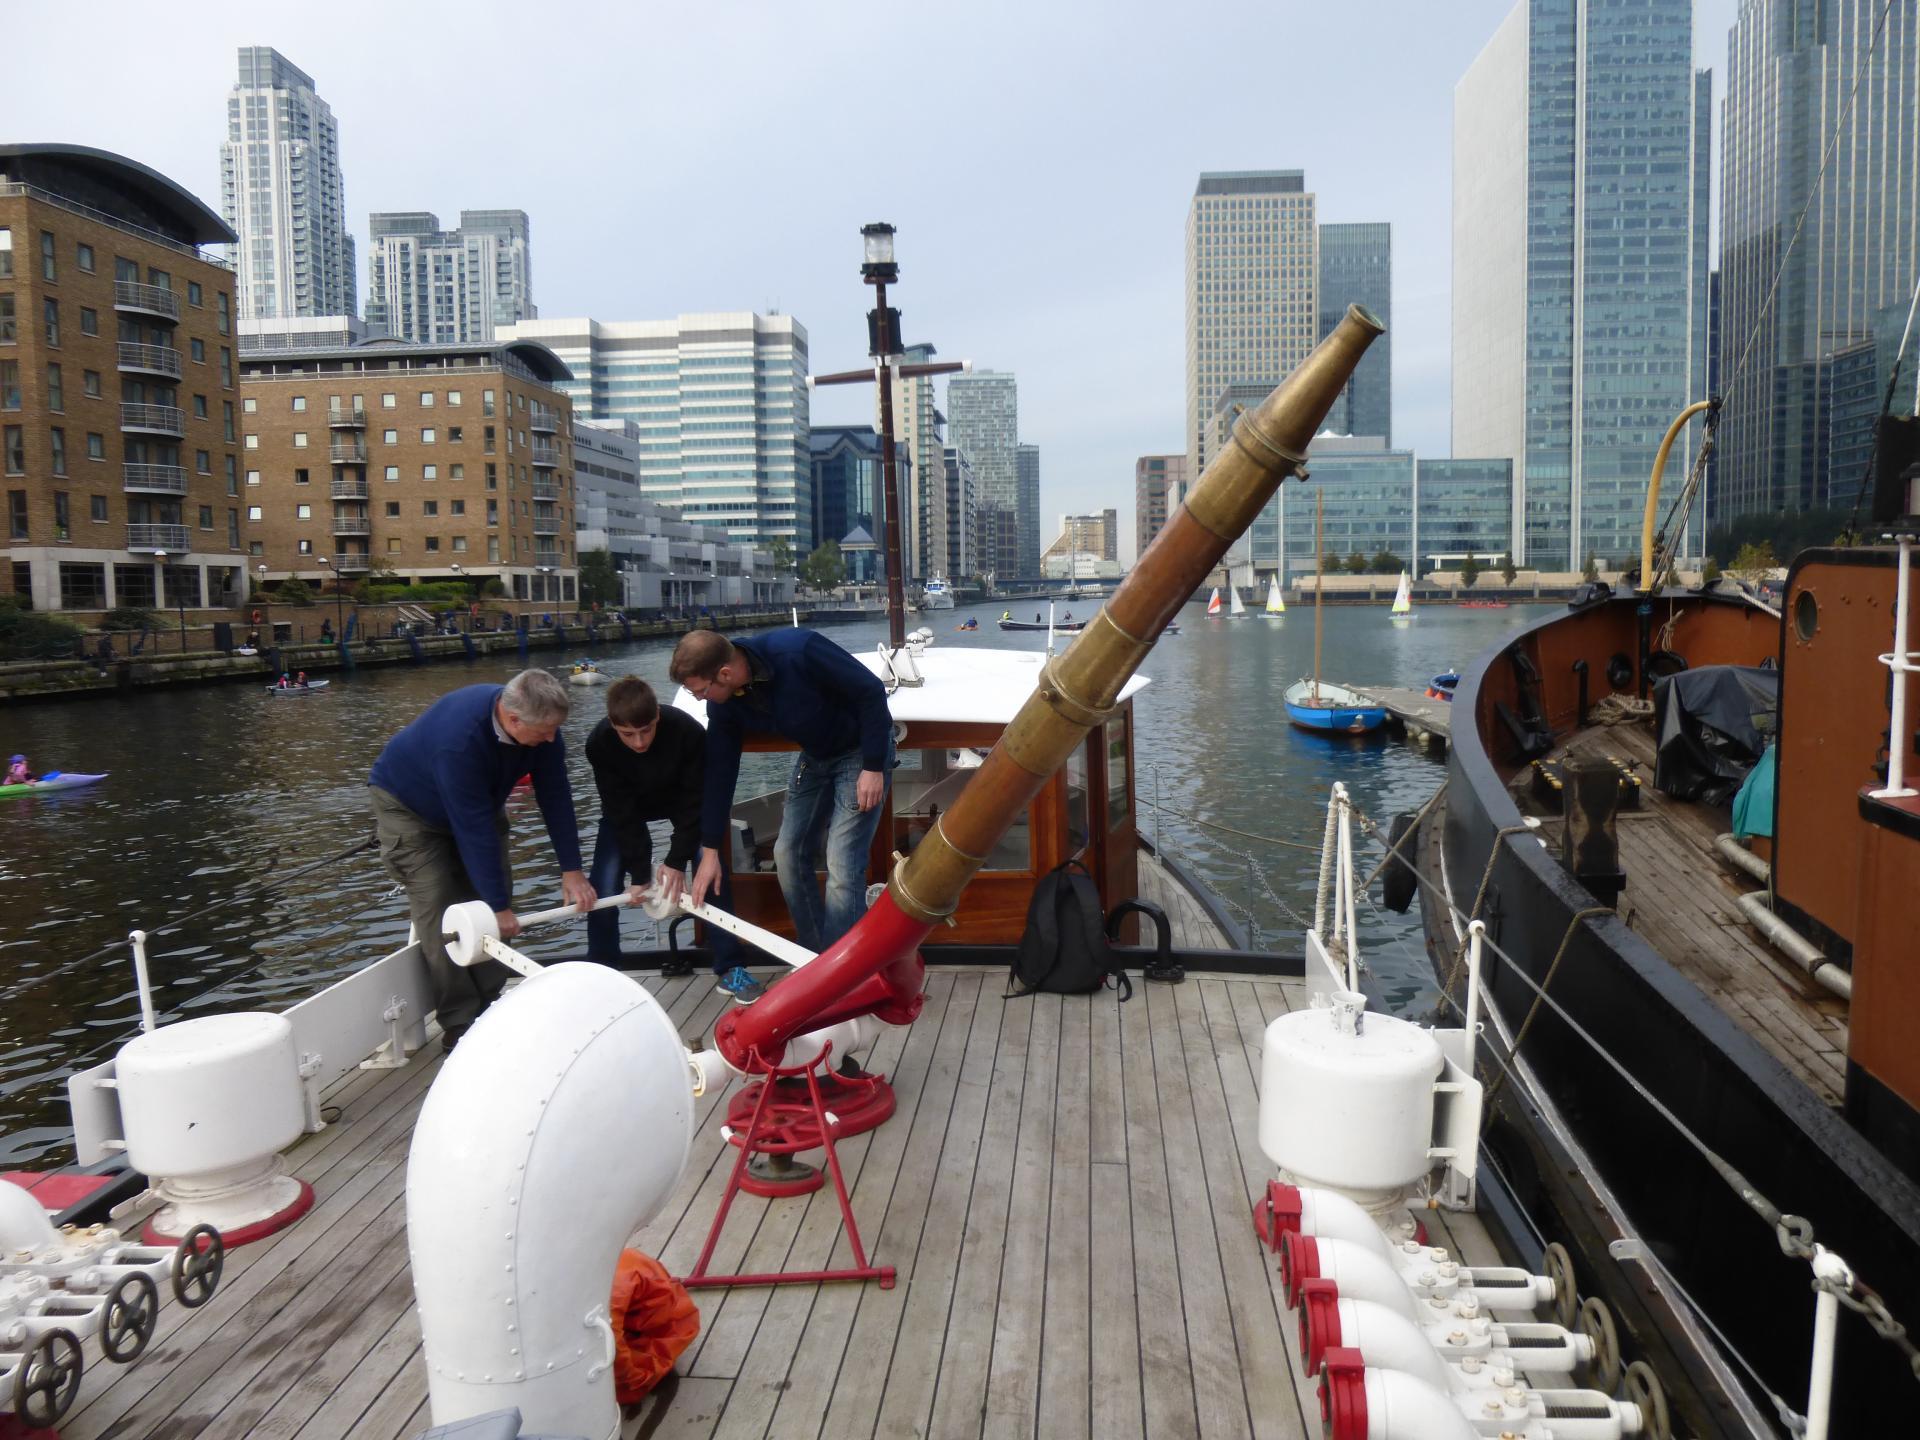 Hist. Feuerlöschboot der Londiner Feuerwehr